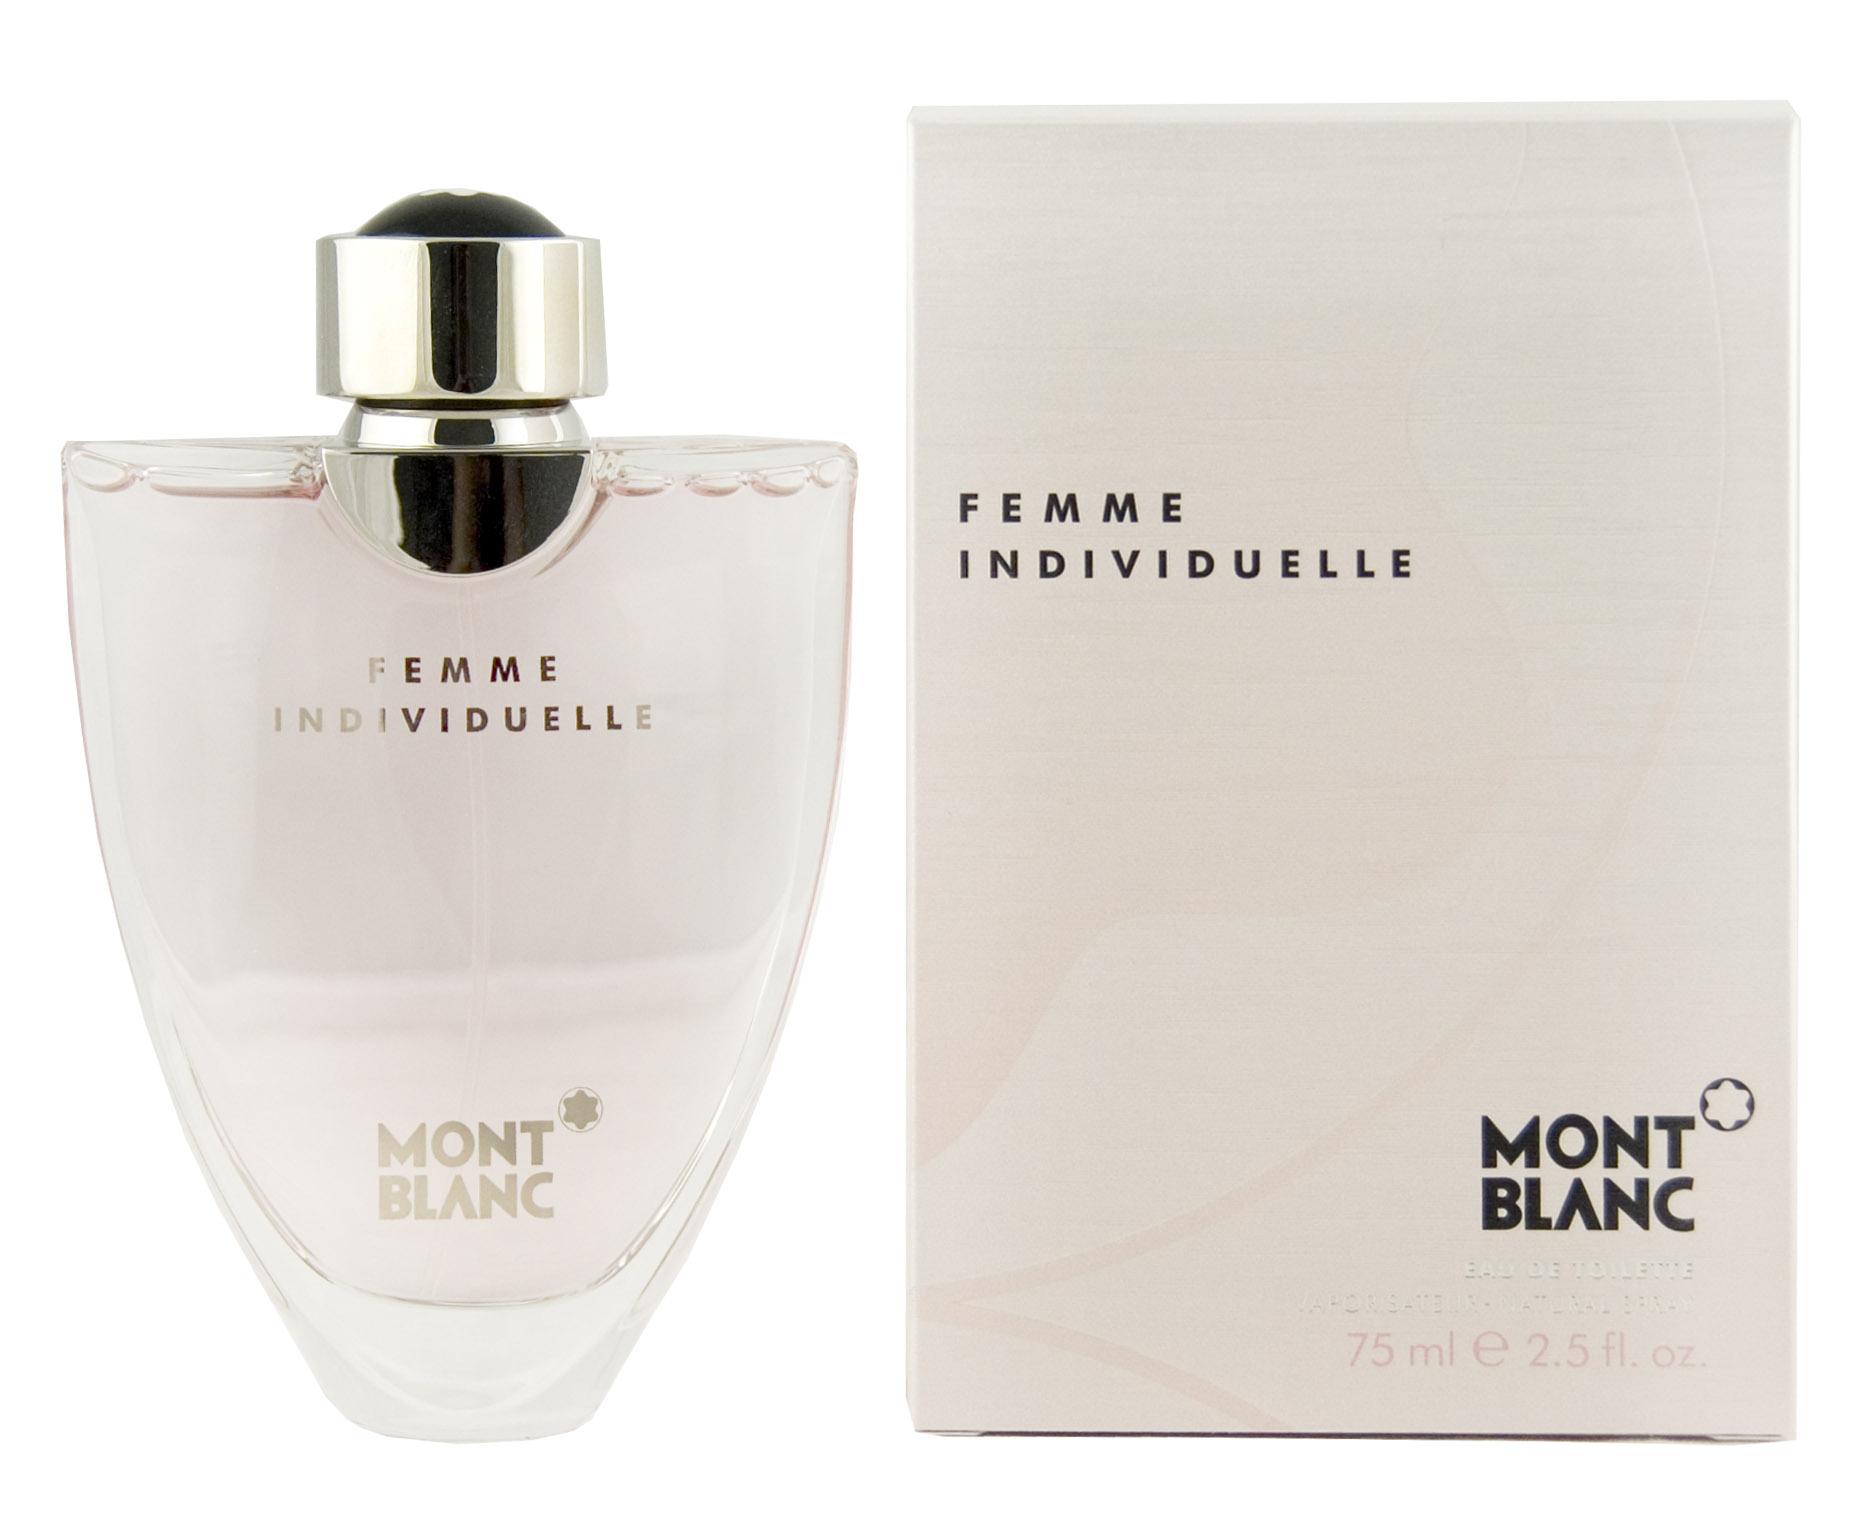 Mont Blanc Femme Individuelle Eau De Toilette 75 ml (woman) 357